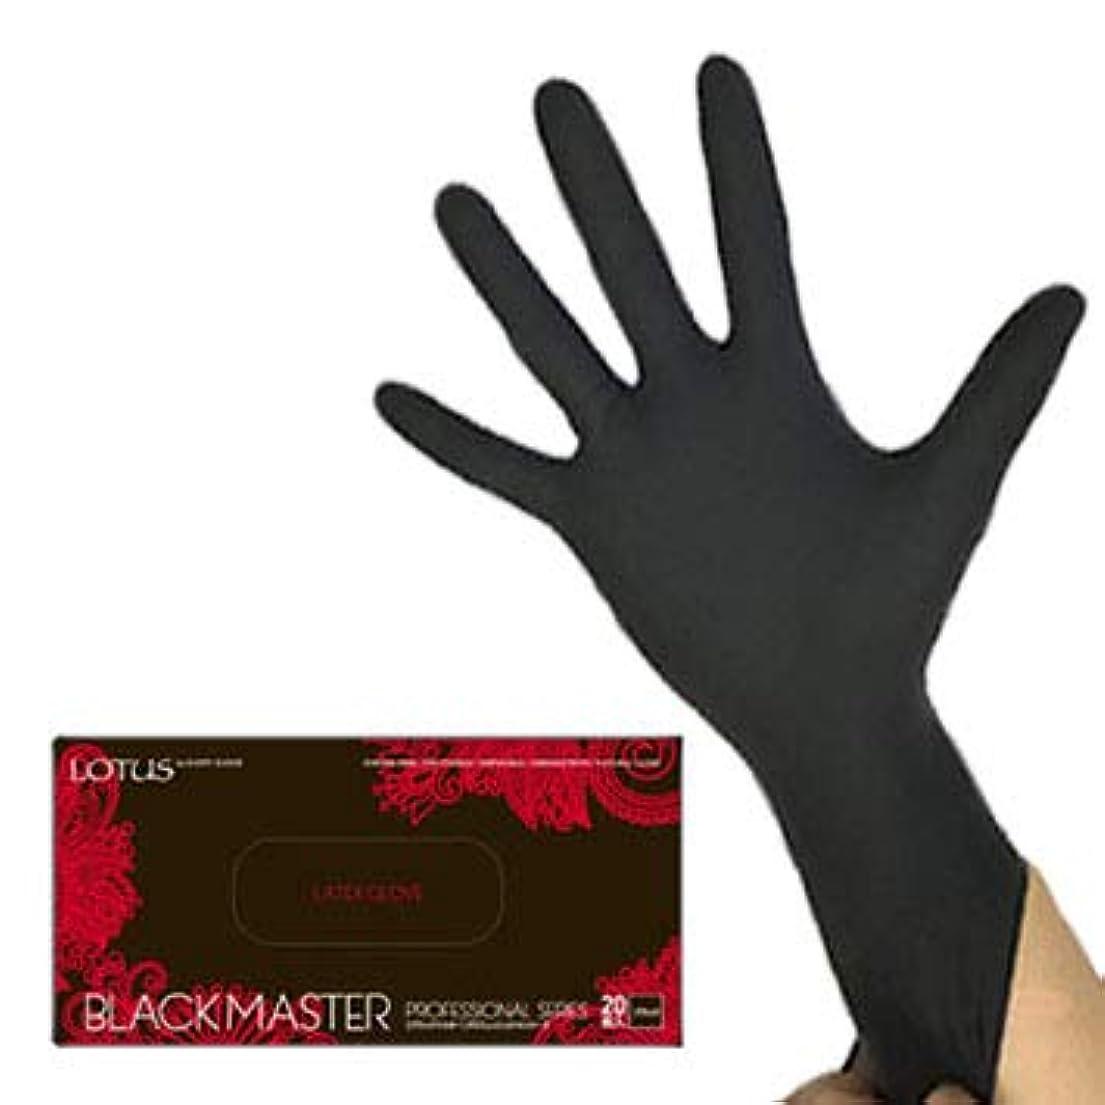 タイヤオートメーション掃除(ロータス)LOTUS ブラックマスターレッド (ラテックス グローブ ロングタイプ 29cm 厚手 左右兼用 20枚入) (M)